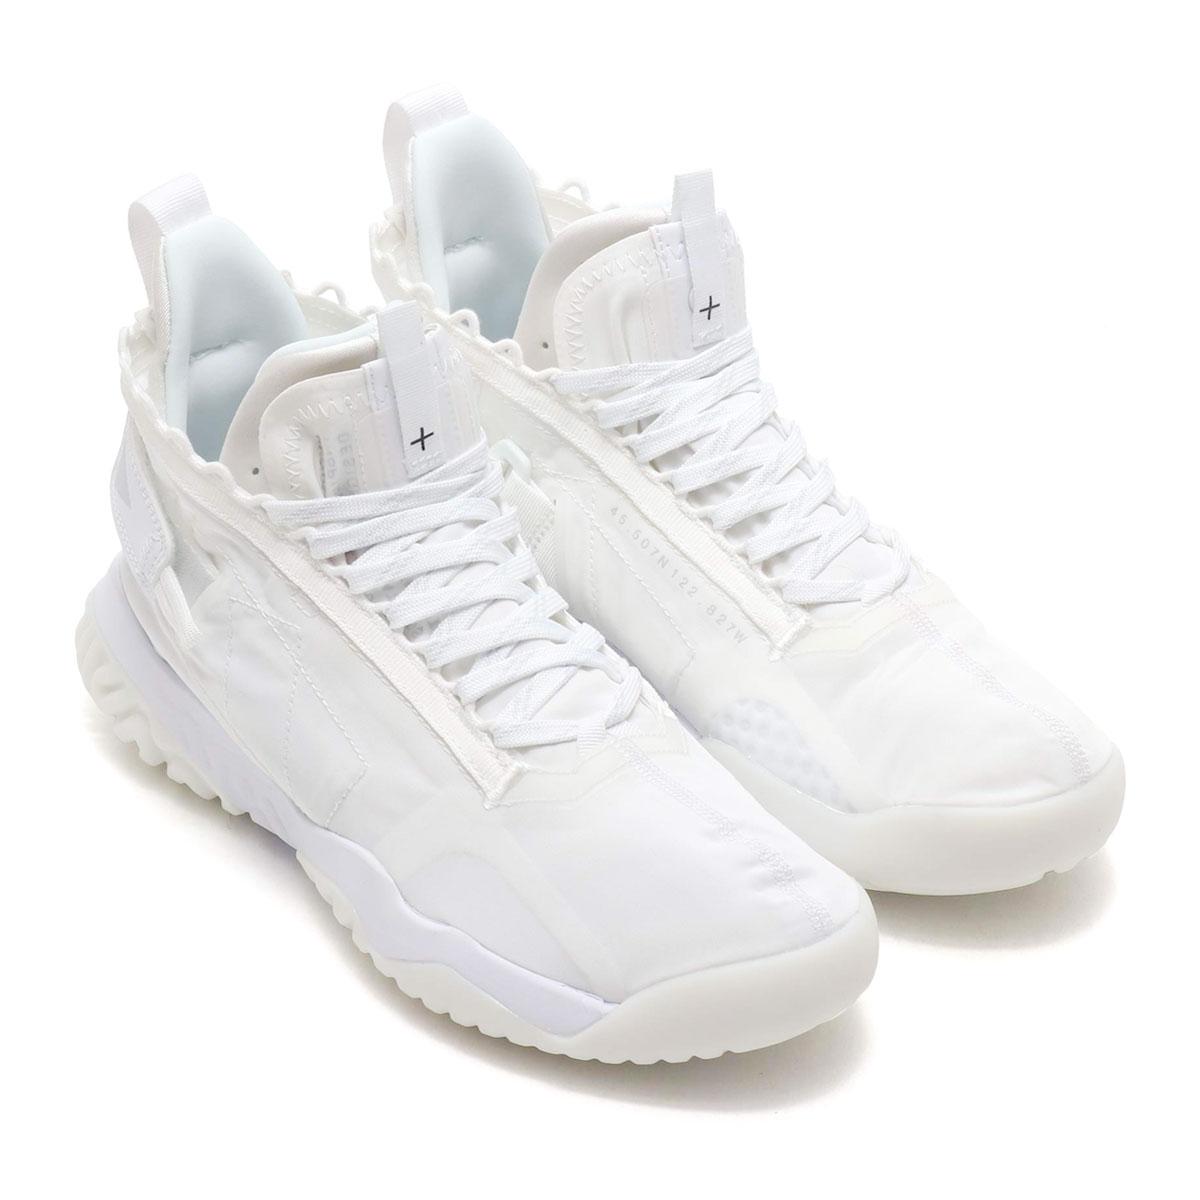 NIKE JORDAN PROTO-REACT (ナイキ ジョーダン プロト リアクト)WHITE/WHITE-WHITE【メンズ スニーカー】19SU-I